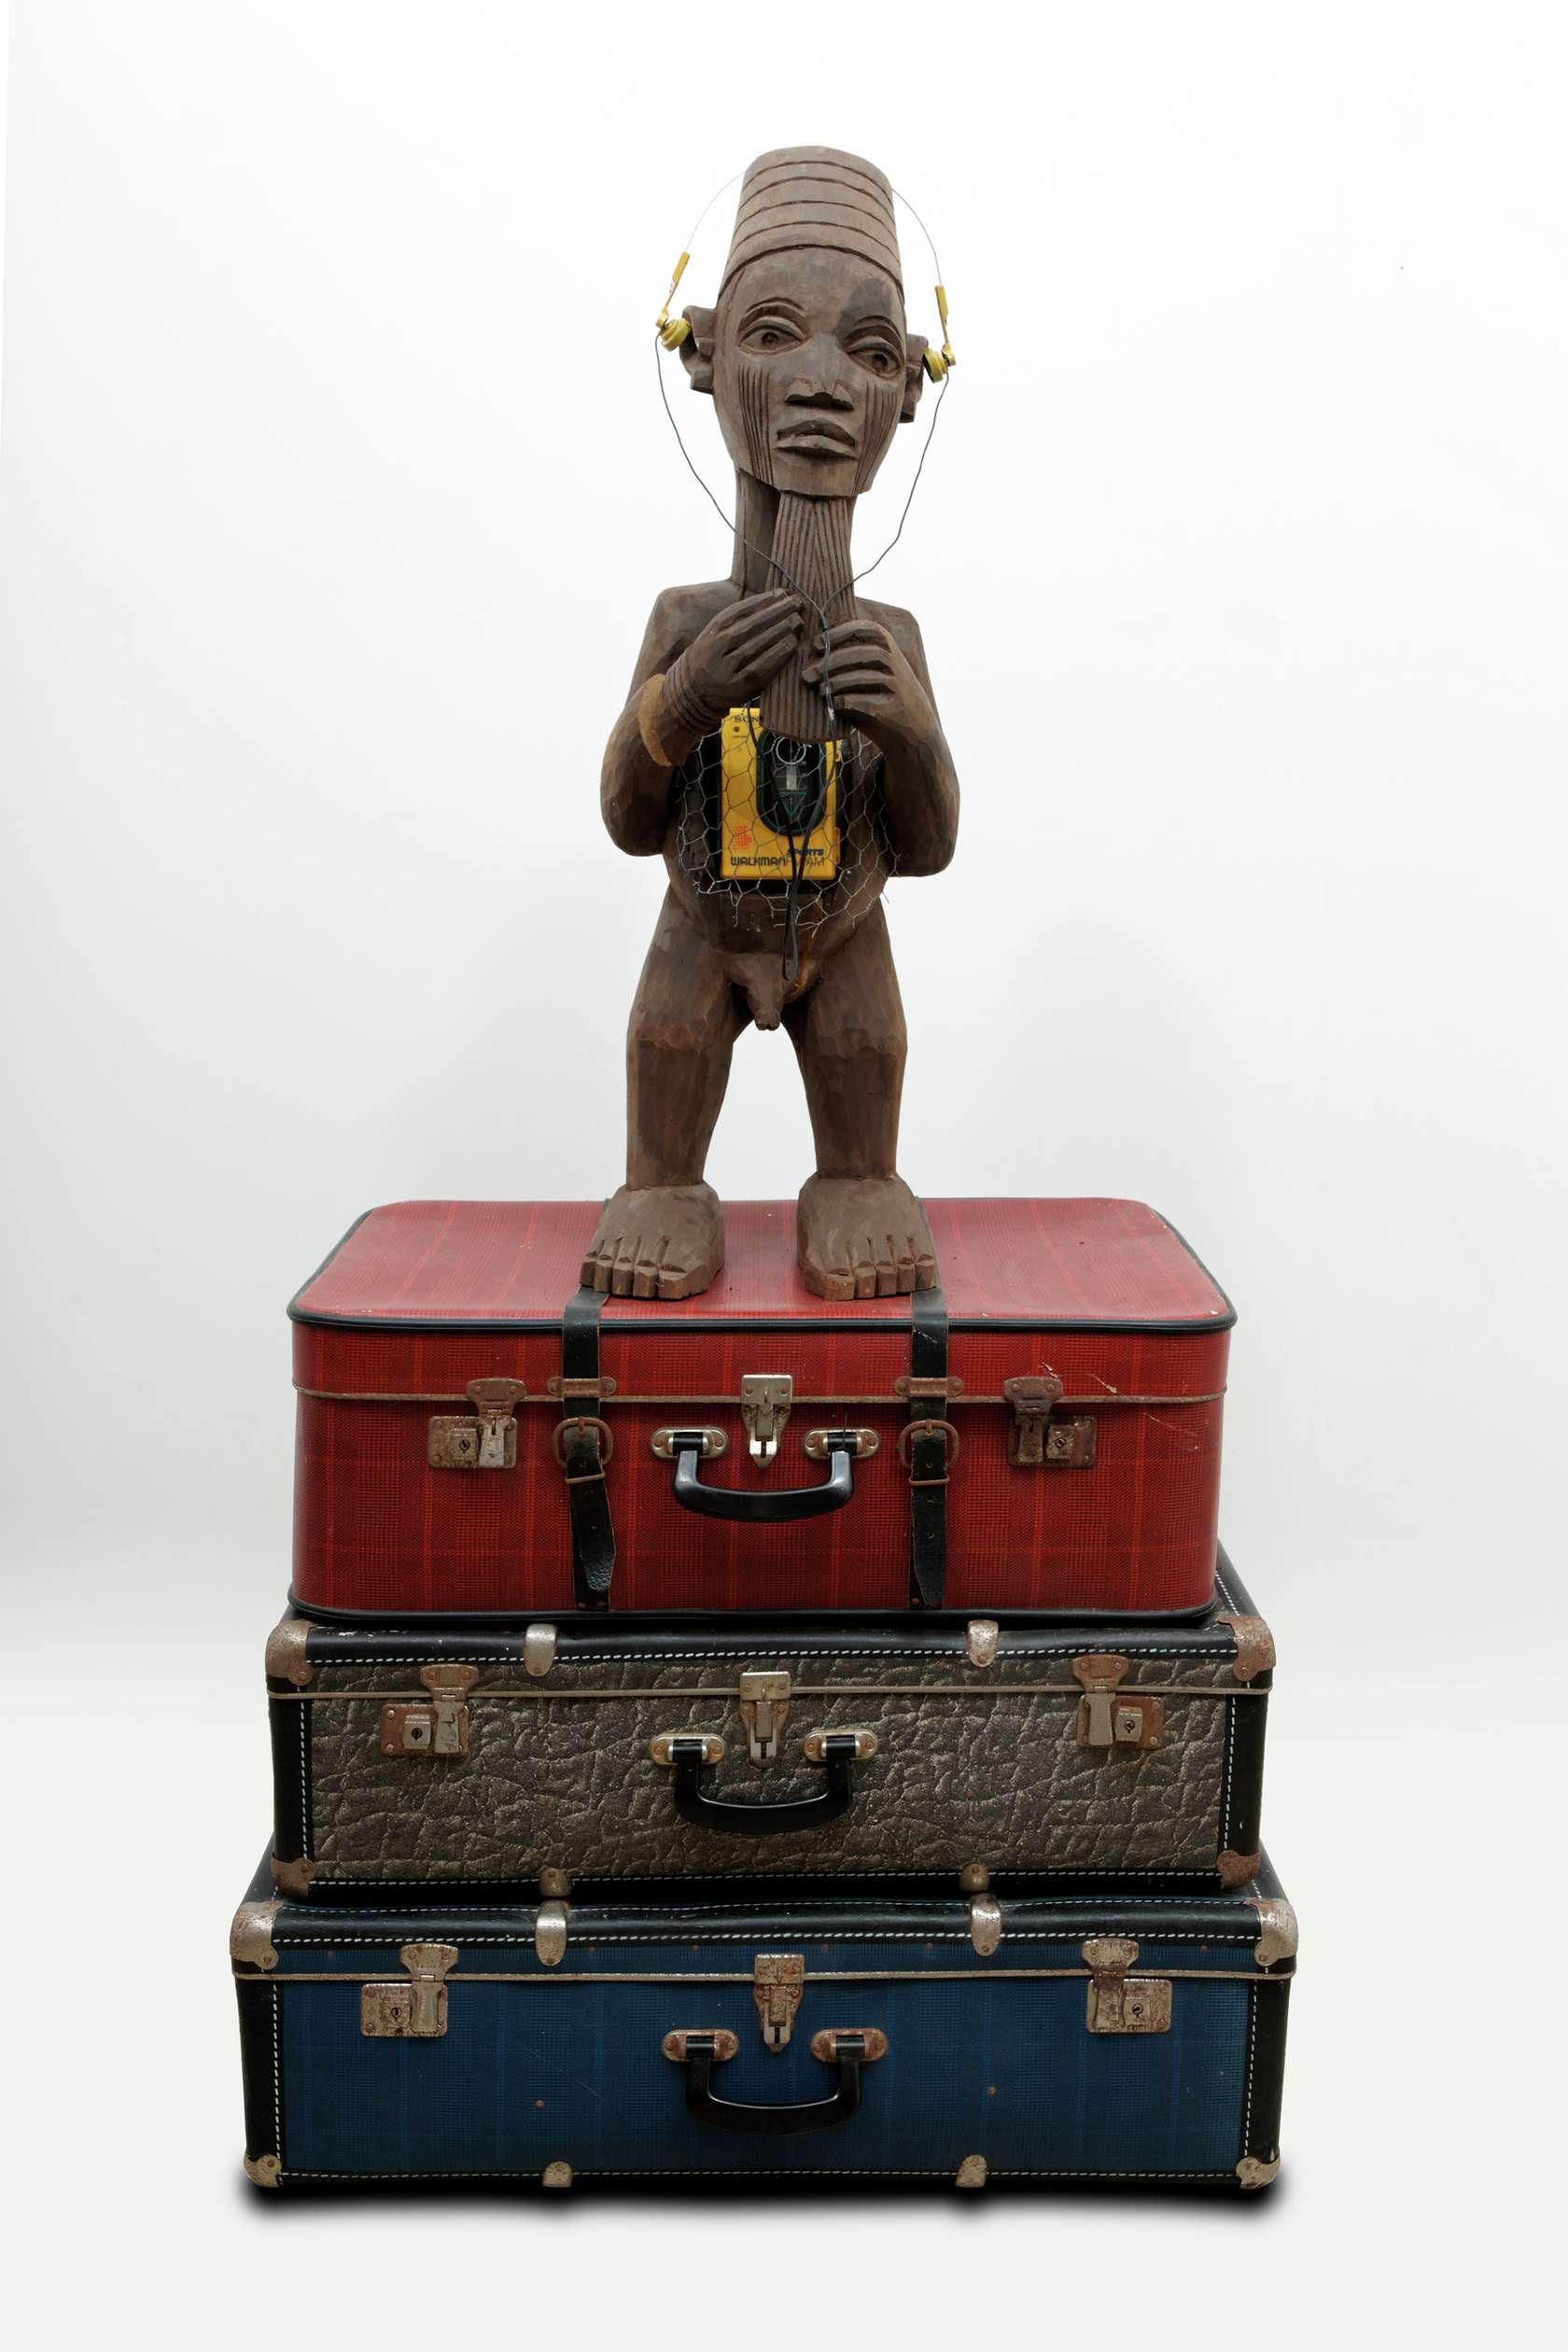 Présence Panchounette, Bateke (walkman), 1985 Statue en bois exotique, grillage, walkman et valises158 × 80 × 55 cm / 62 2/8 × 31 1/2 × 21 5/8 in.